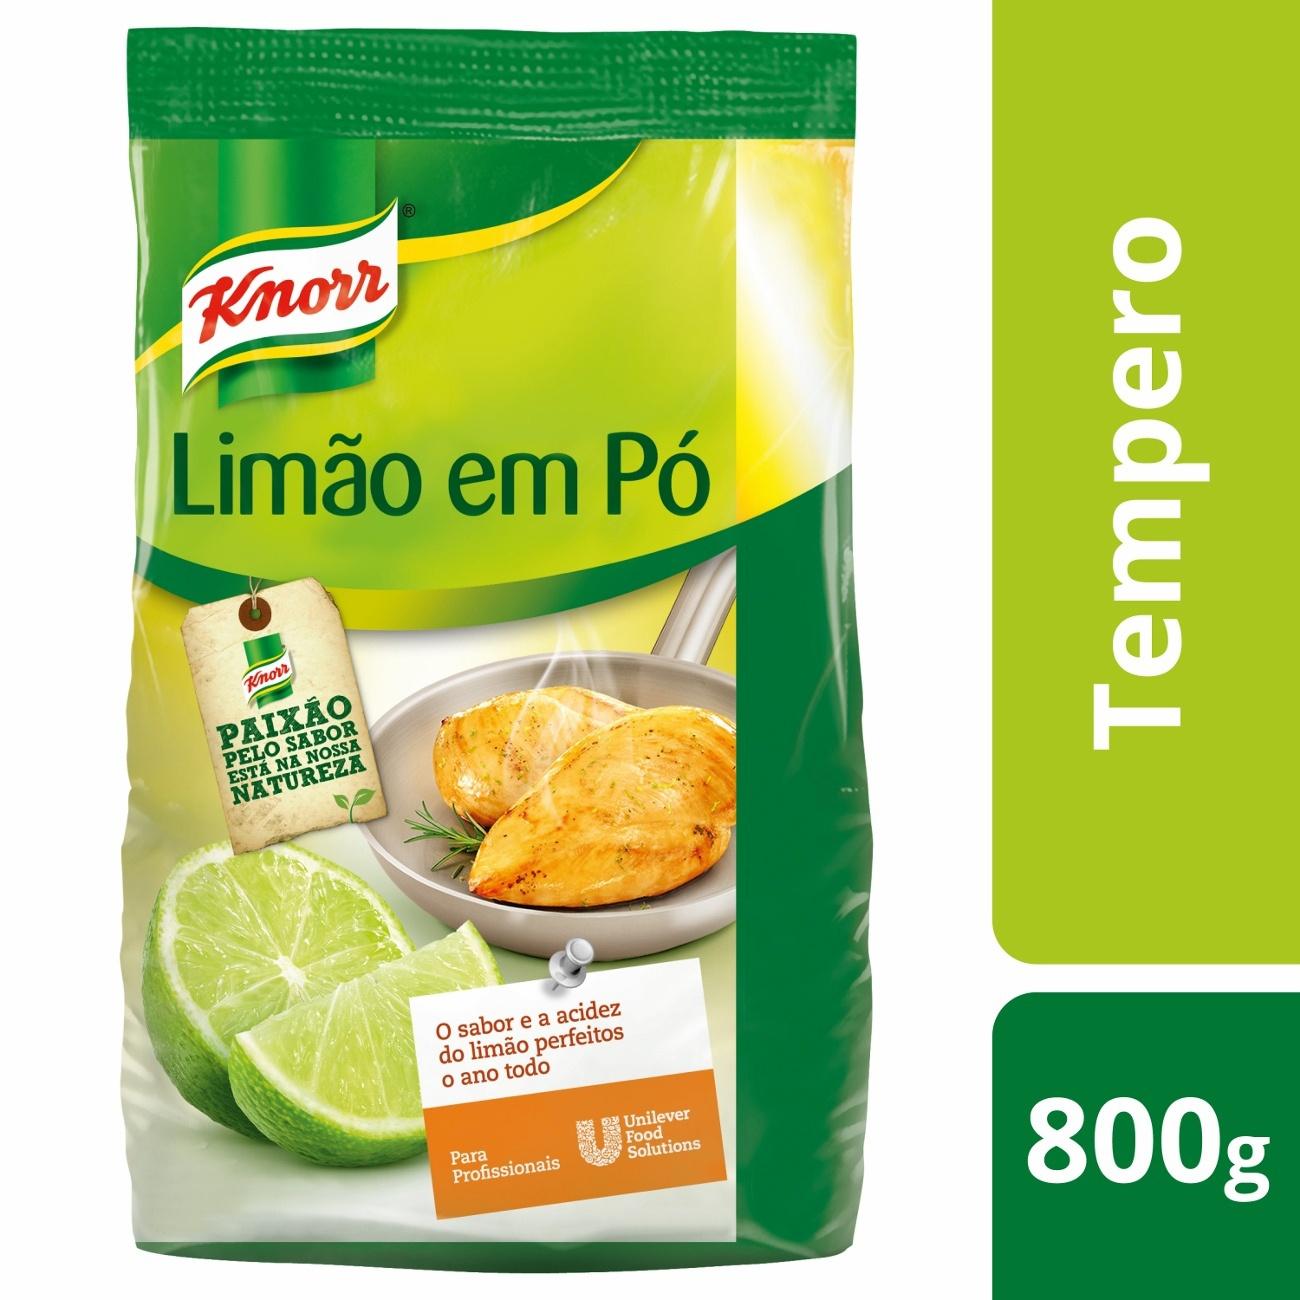 Tempero Limão em Pó Knorr 800g